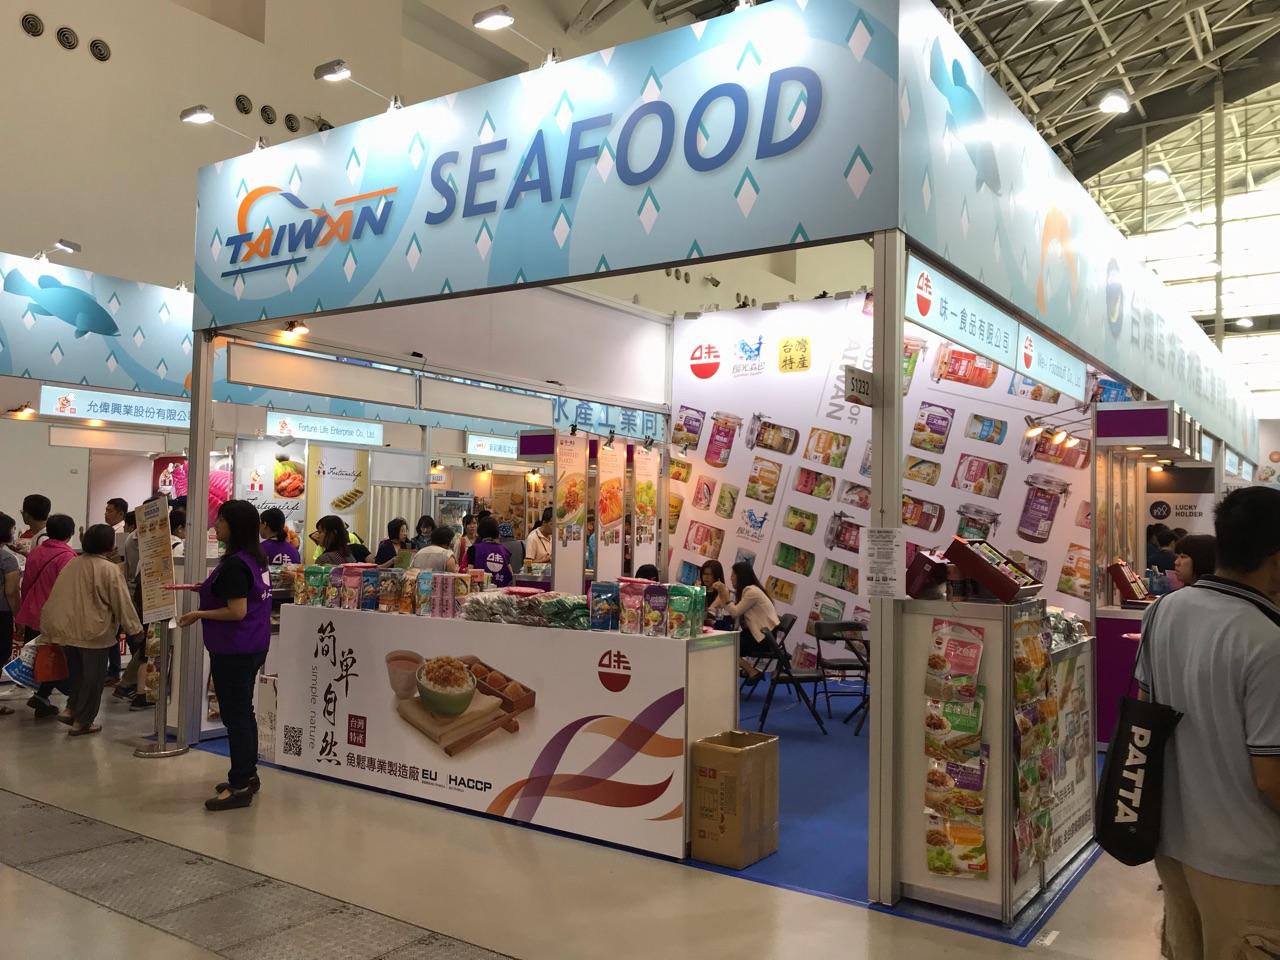 20181025-28高雄國際食品展